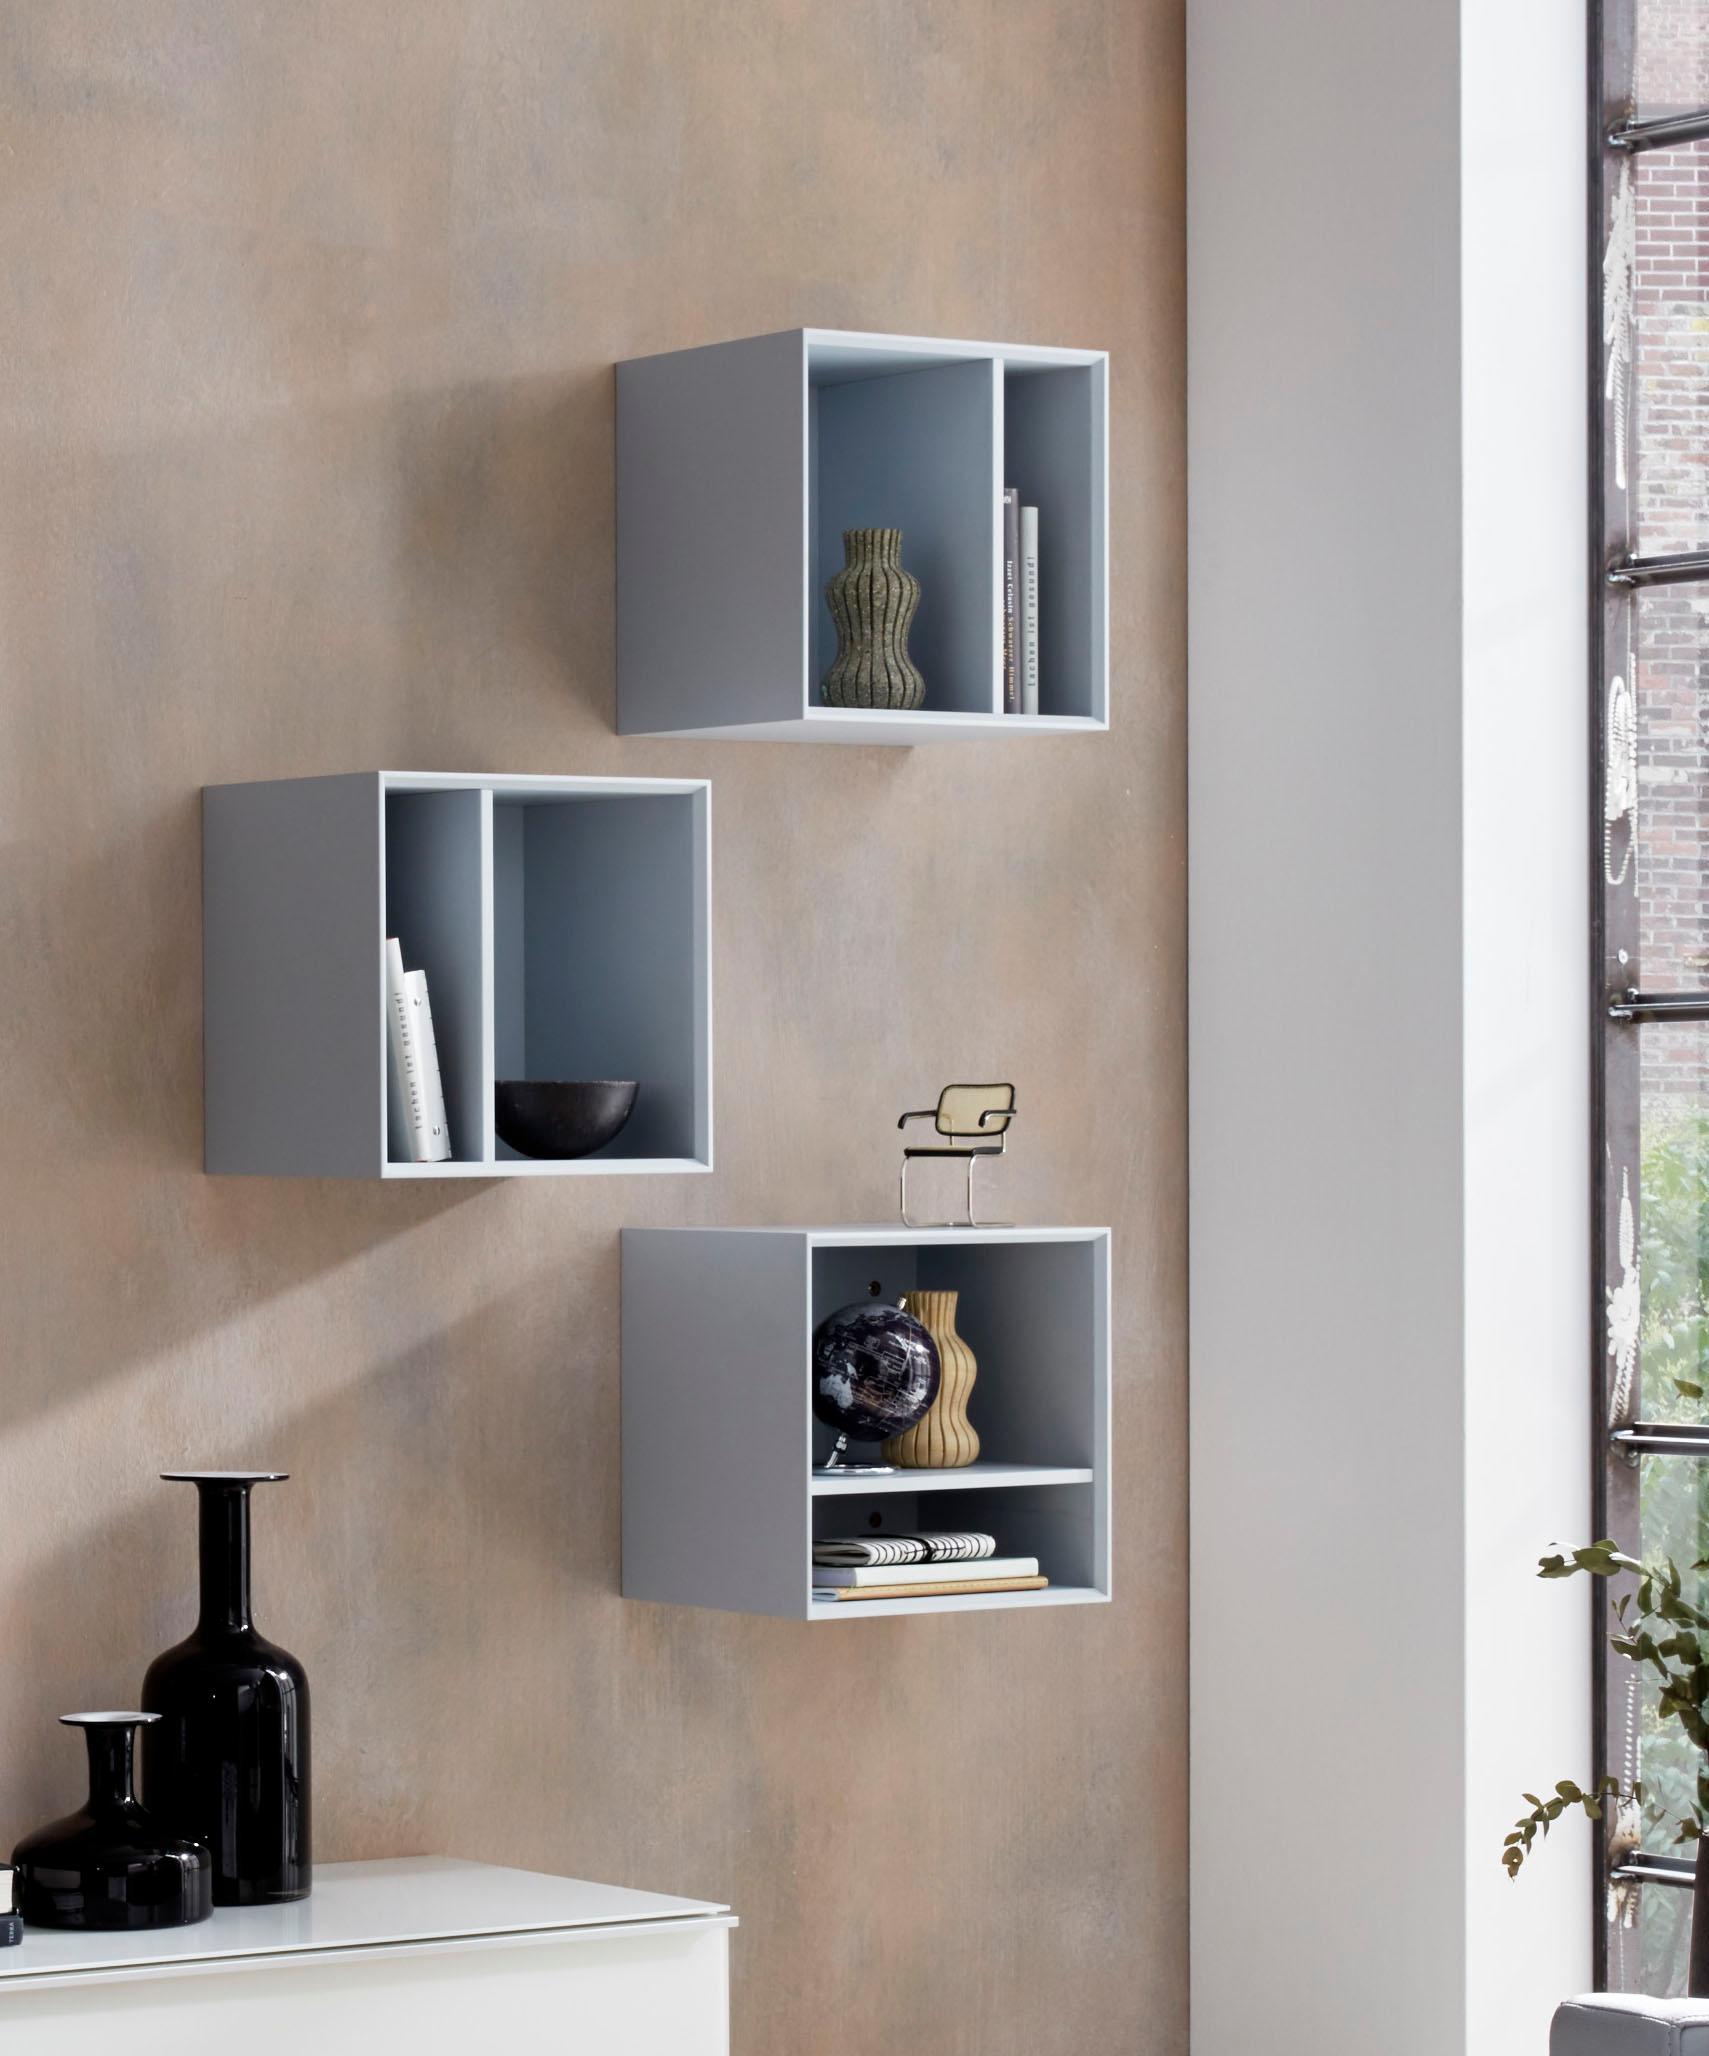 Germania Regalwürfel Larino Breite 35 cm | Wohnzimmer > Regale > Regalwürfel | Blau | Spanplatte - Sonoma - Eiche - Nachbildung - Abs | Germania